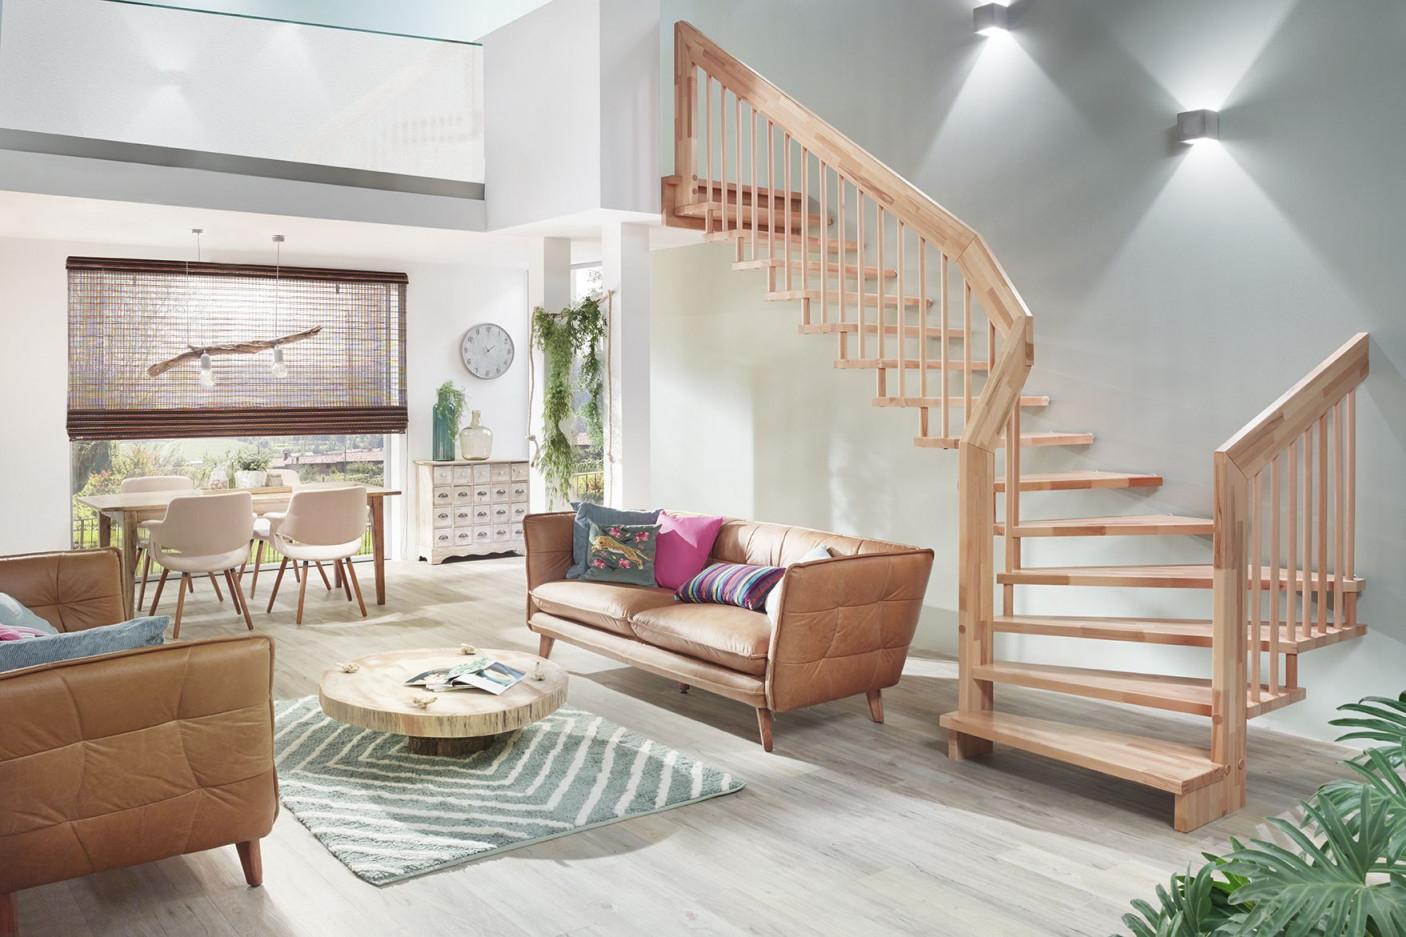 Basistreppe  Holztreppe Haus Deko Treppe von Wohnzimmer Mit Treppe Einrichten Photo